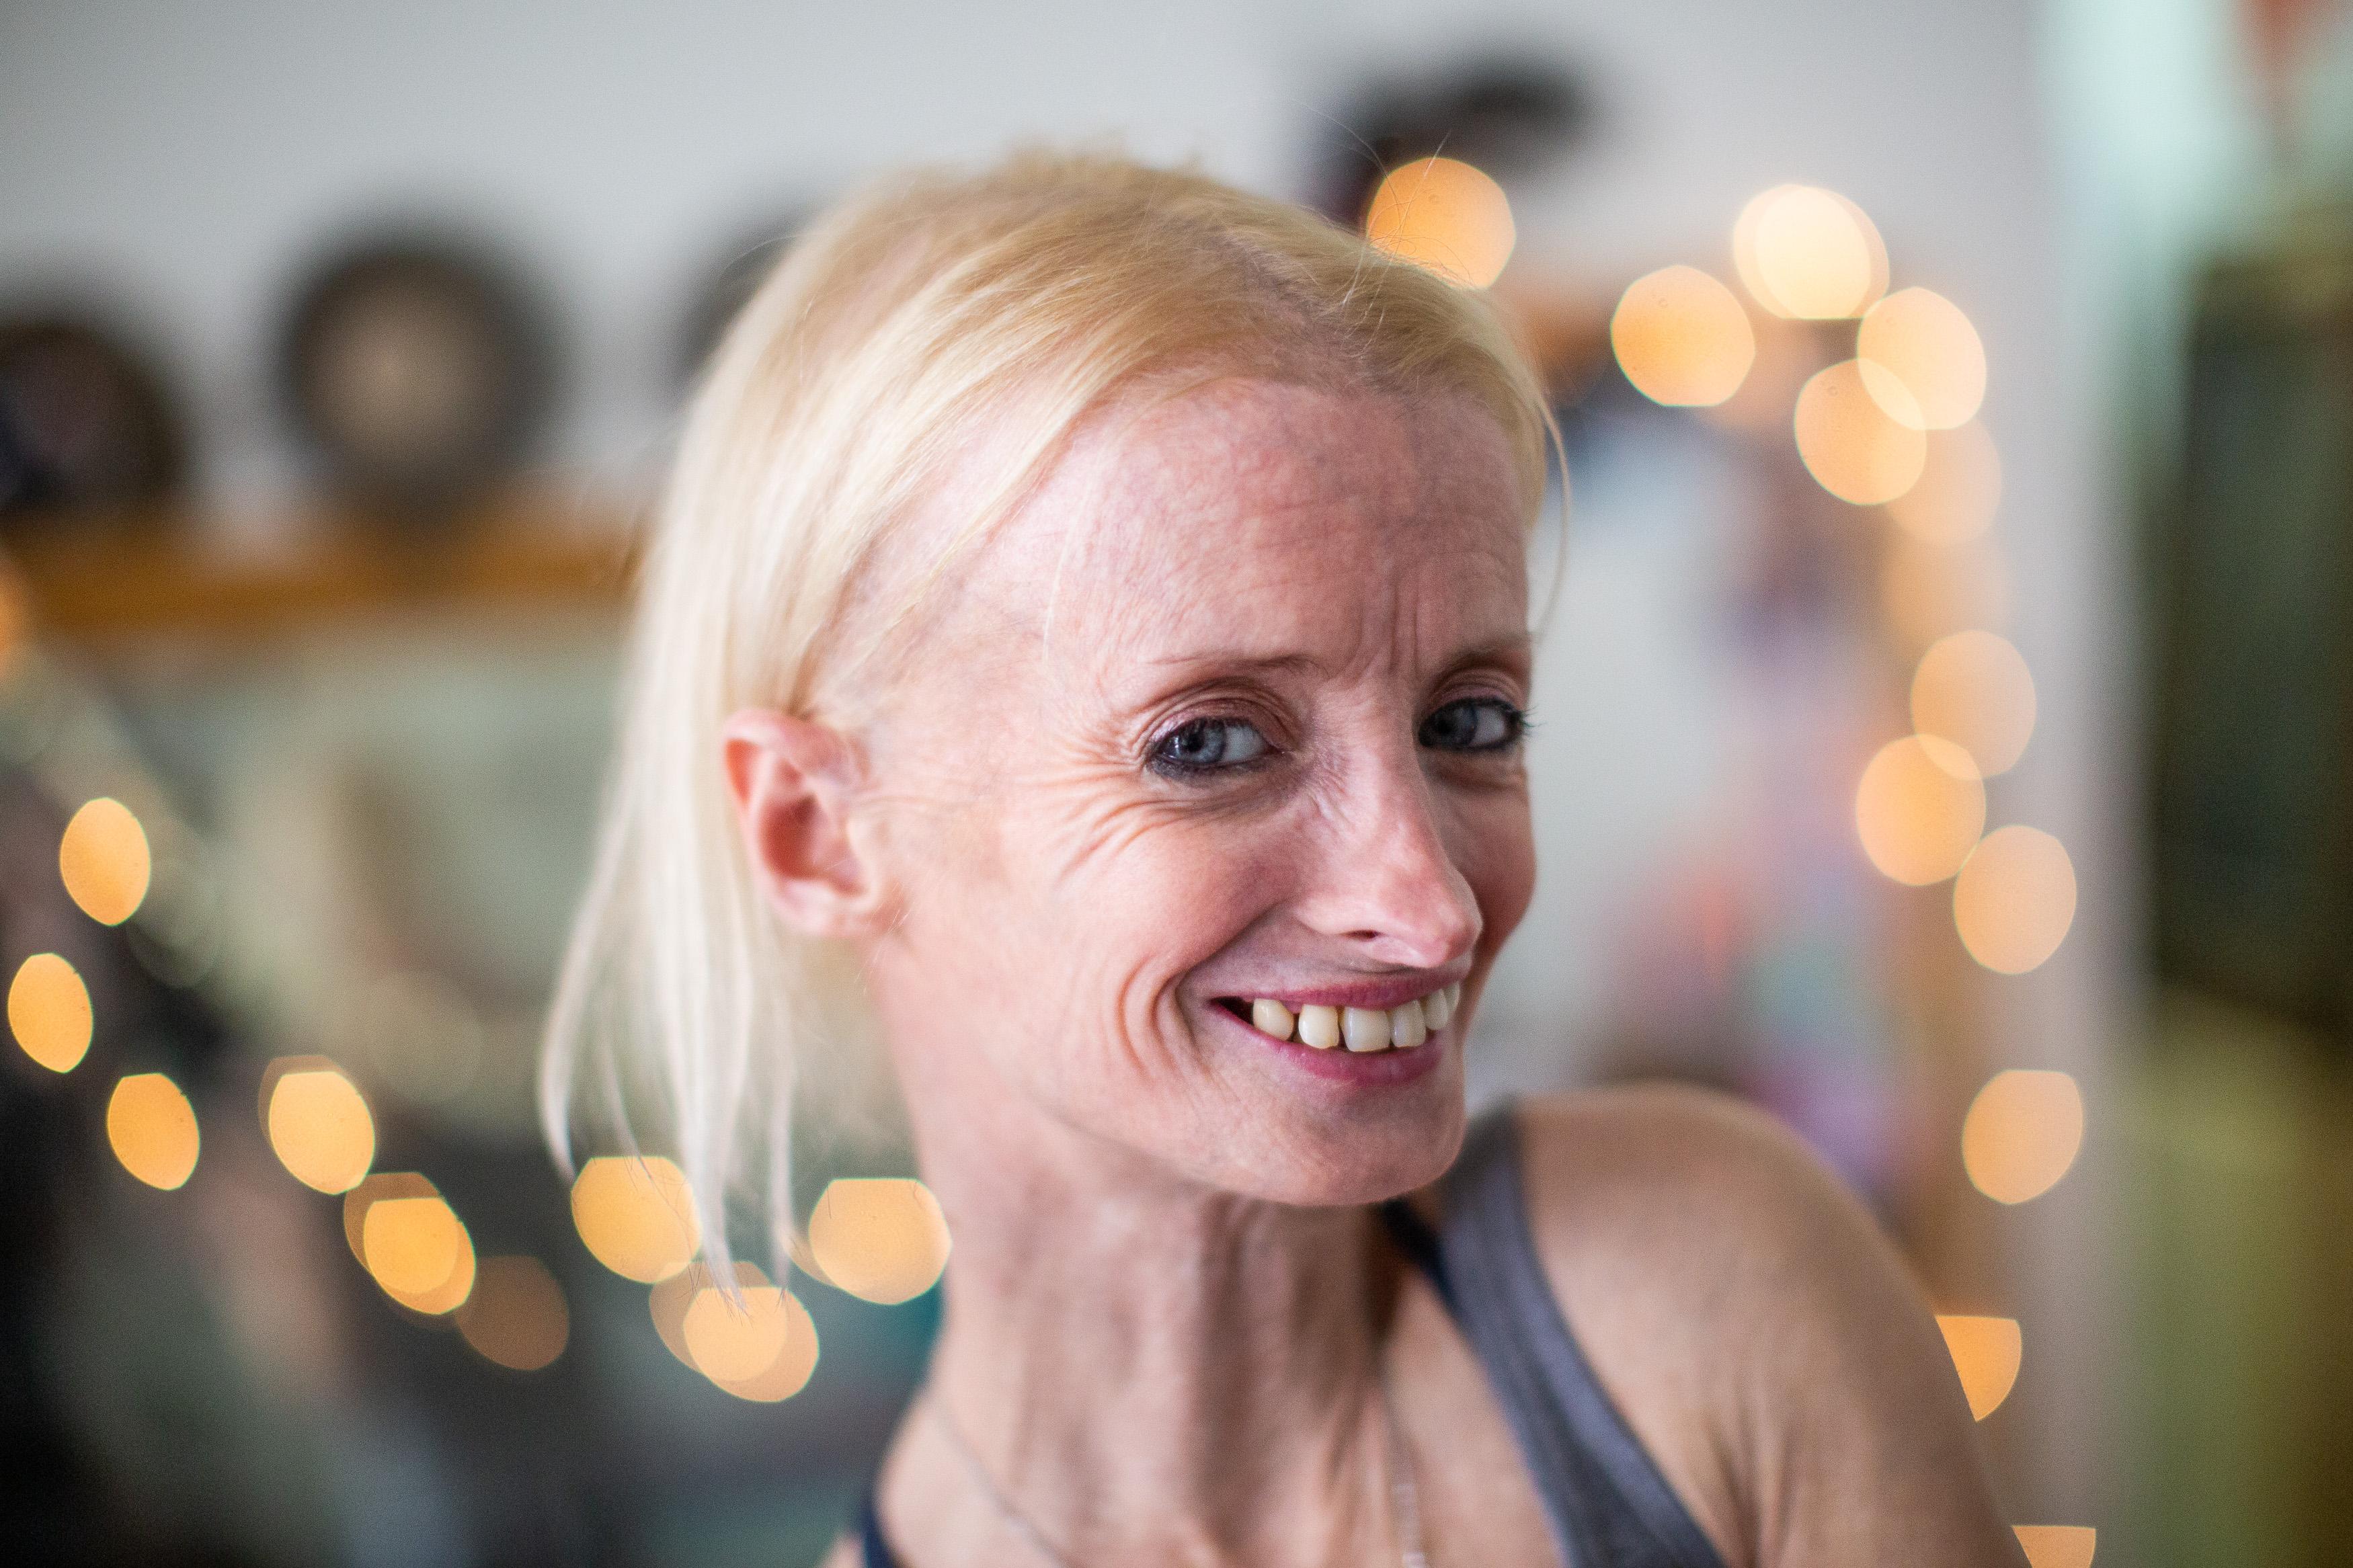 Femeia în vârstă de 43 de ani pierde în greutate - nandika.ro